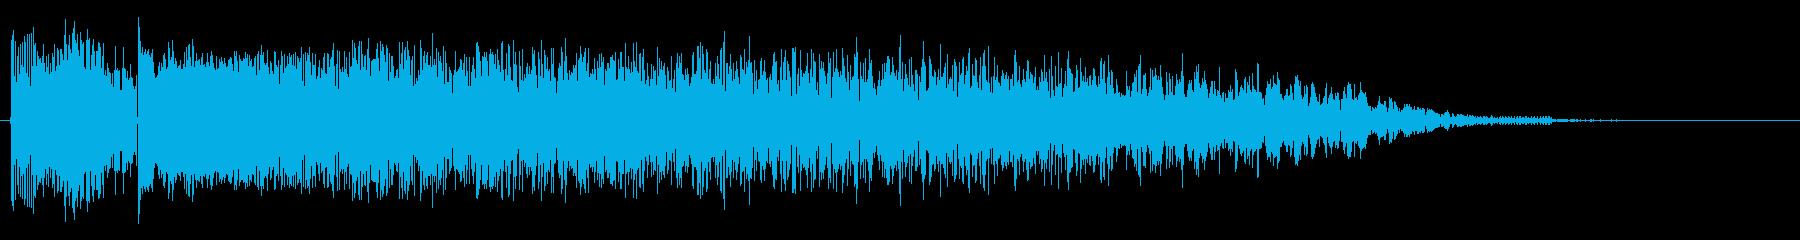 サイバーアヒルの再生済みの波形